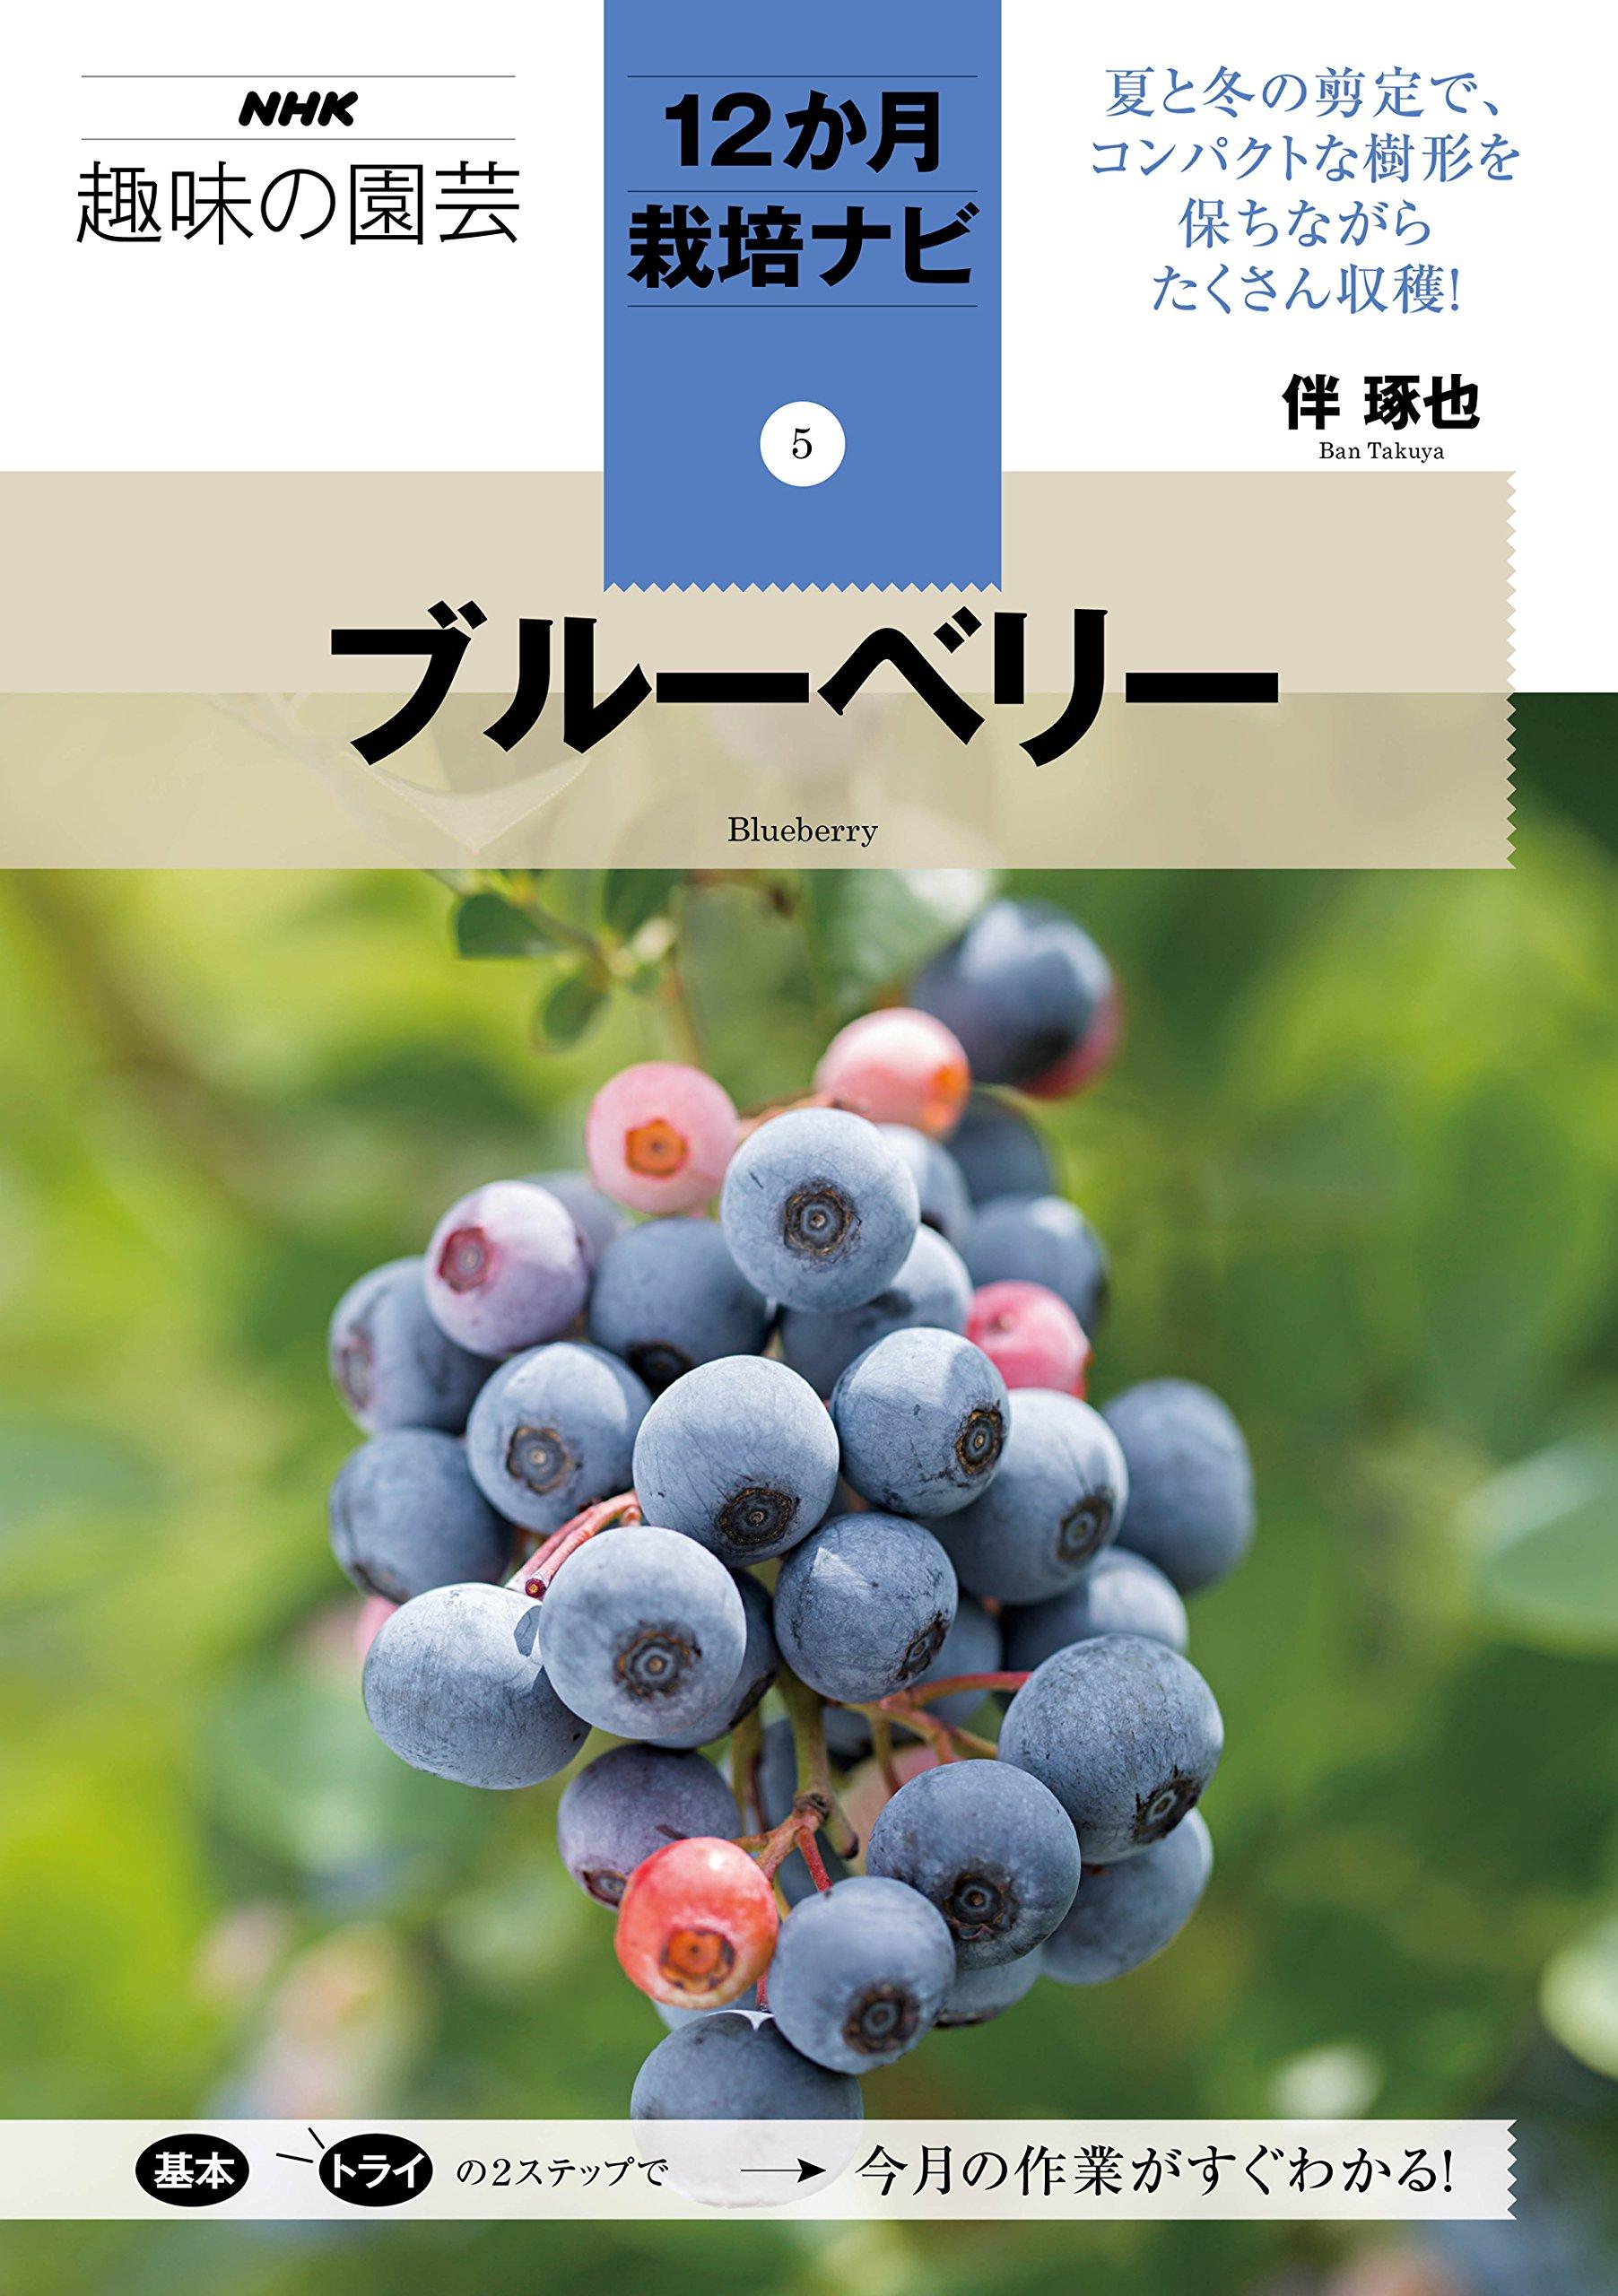 ブルーベリー NHK趣味の園芸12か月栽培ナビ(5)